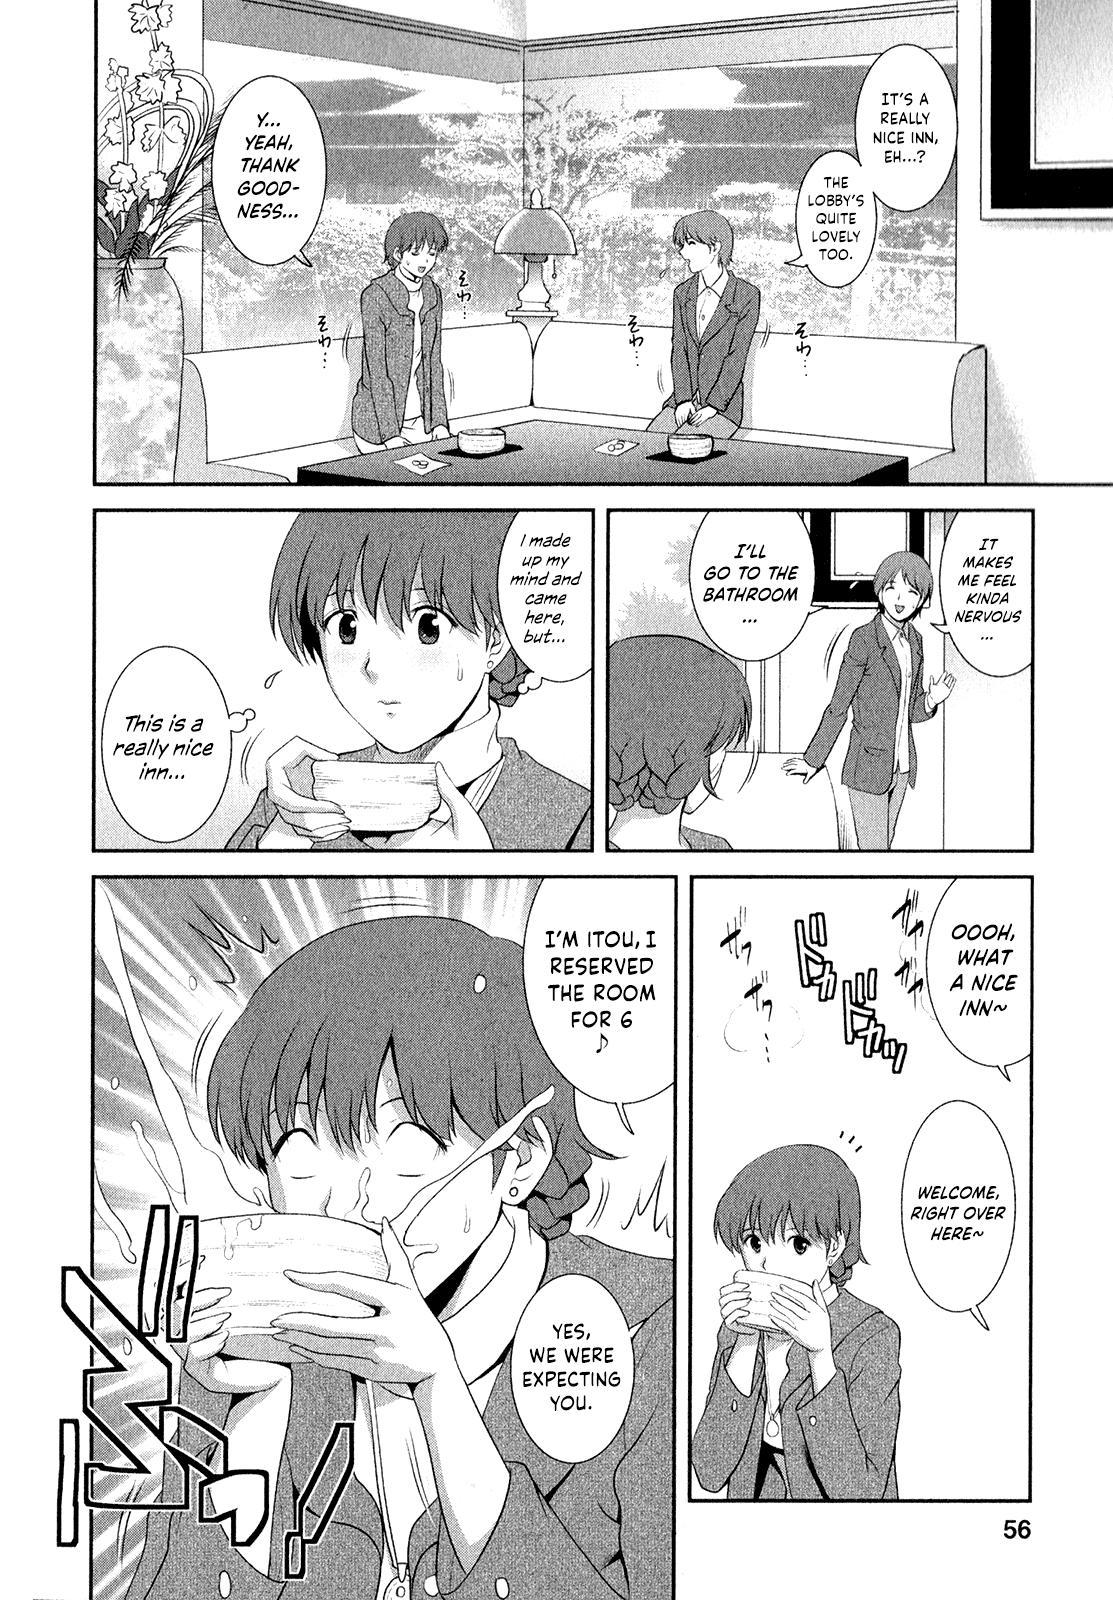 [Saigado] Hitozuma Audrey-san no Himitsu ~30-sai kara no Furyou Tsuma Kouza~ - Vol. 2 Ch. 9~12 [English] {Hennojin} 58